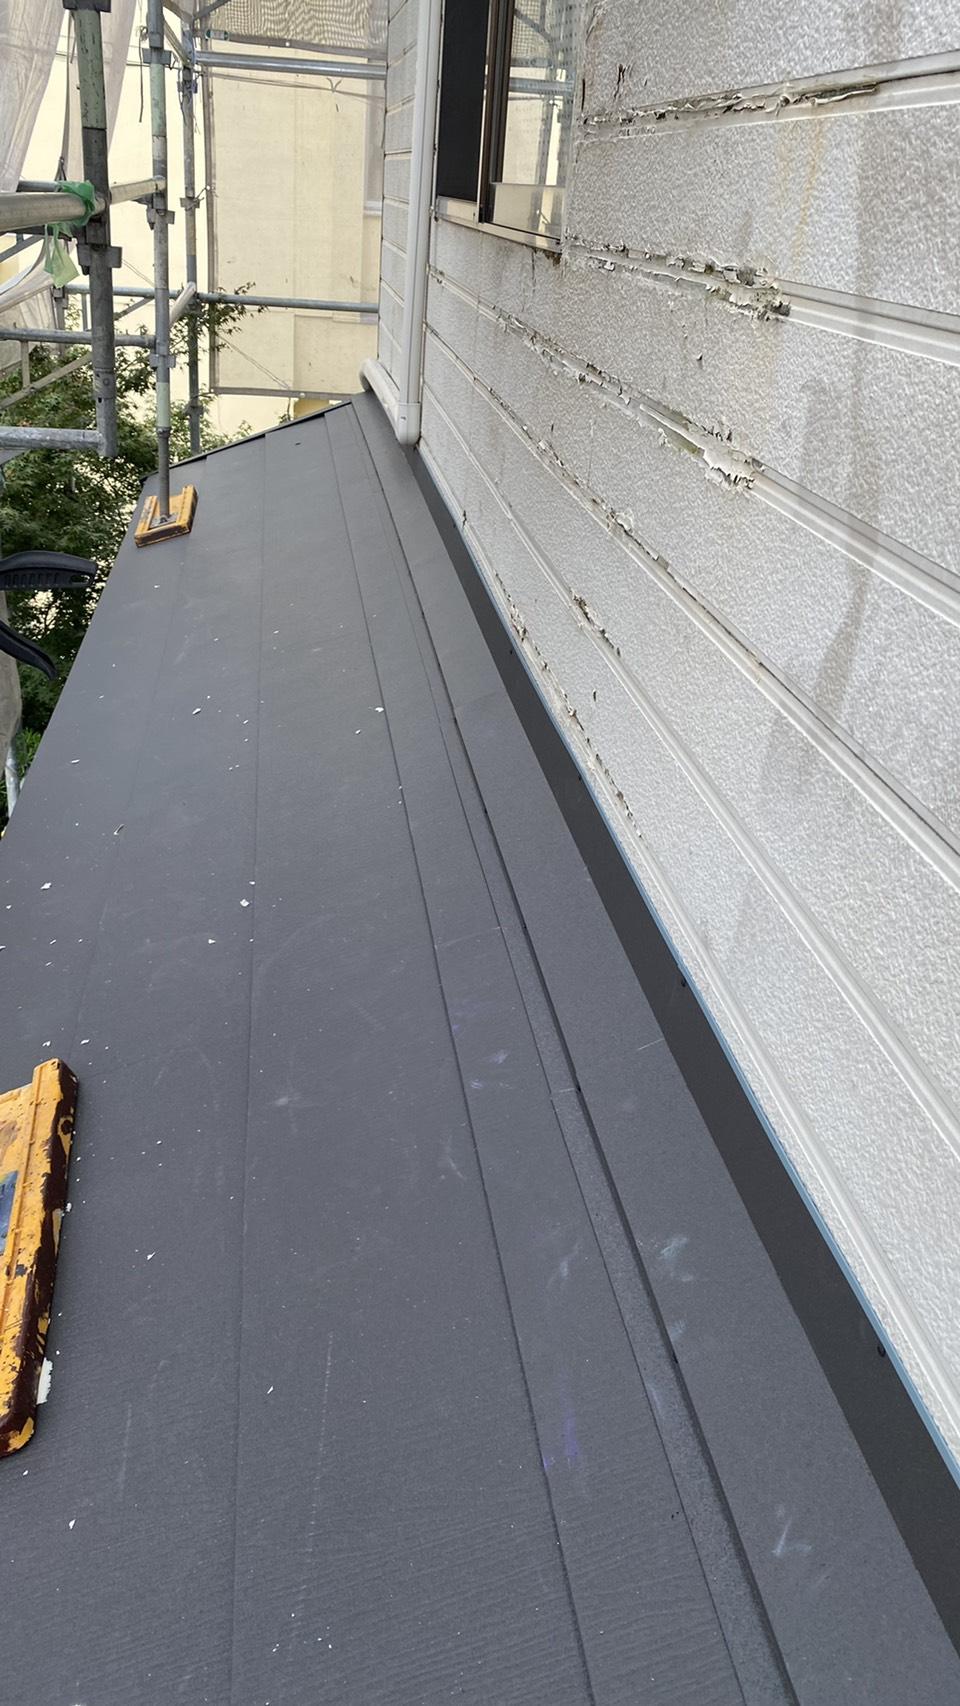 明石市で金属サイディング上貼り工事を行う前の塗装不可能なサイディングの様子